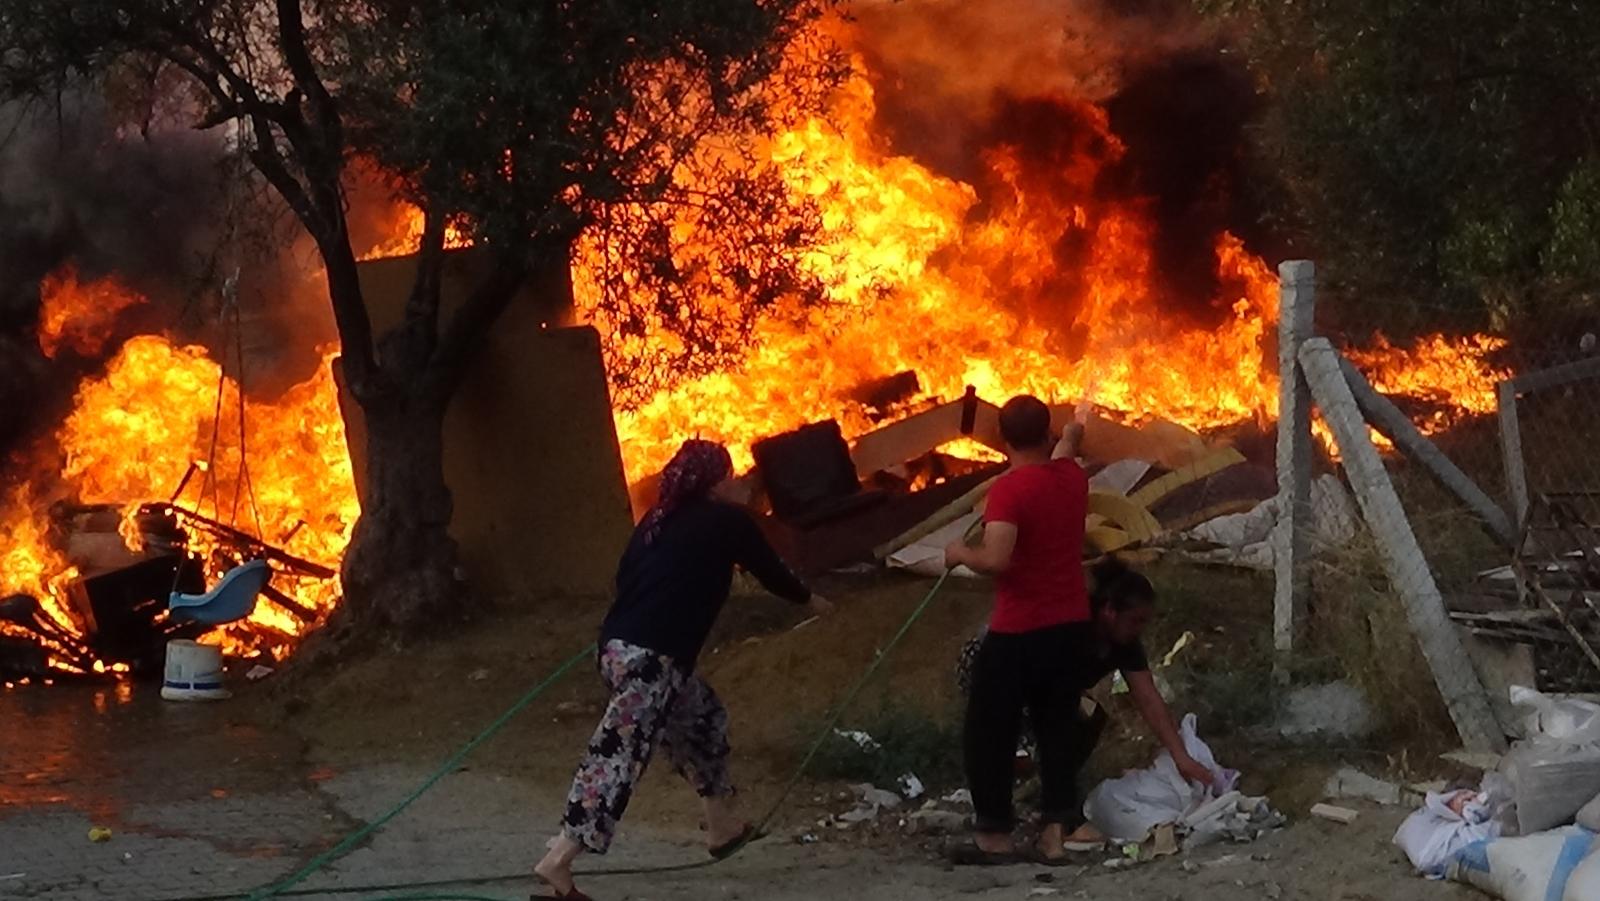 Metrelerce Yükselen Alevleri Bahçe Hortumlarıyla Söndürmeye Çalıştılar